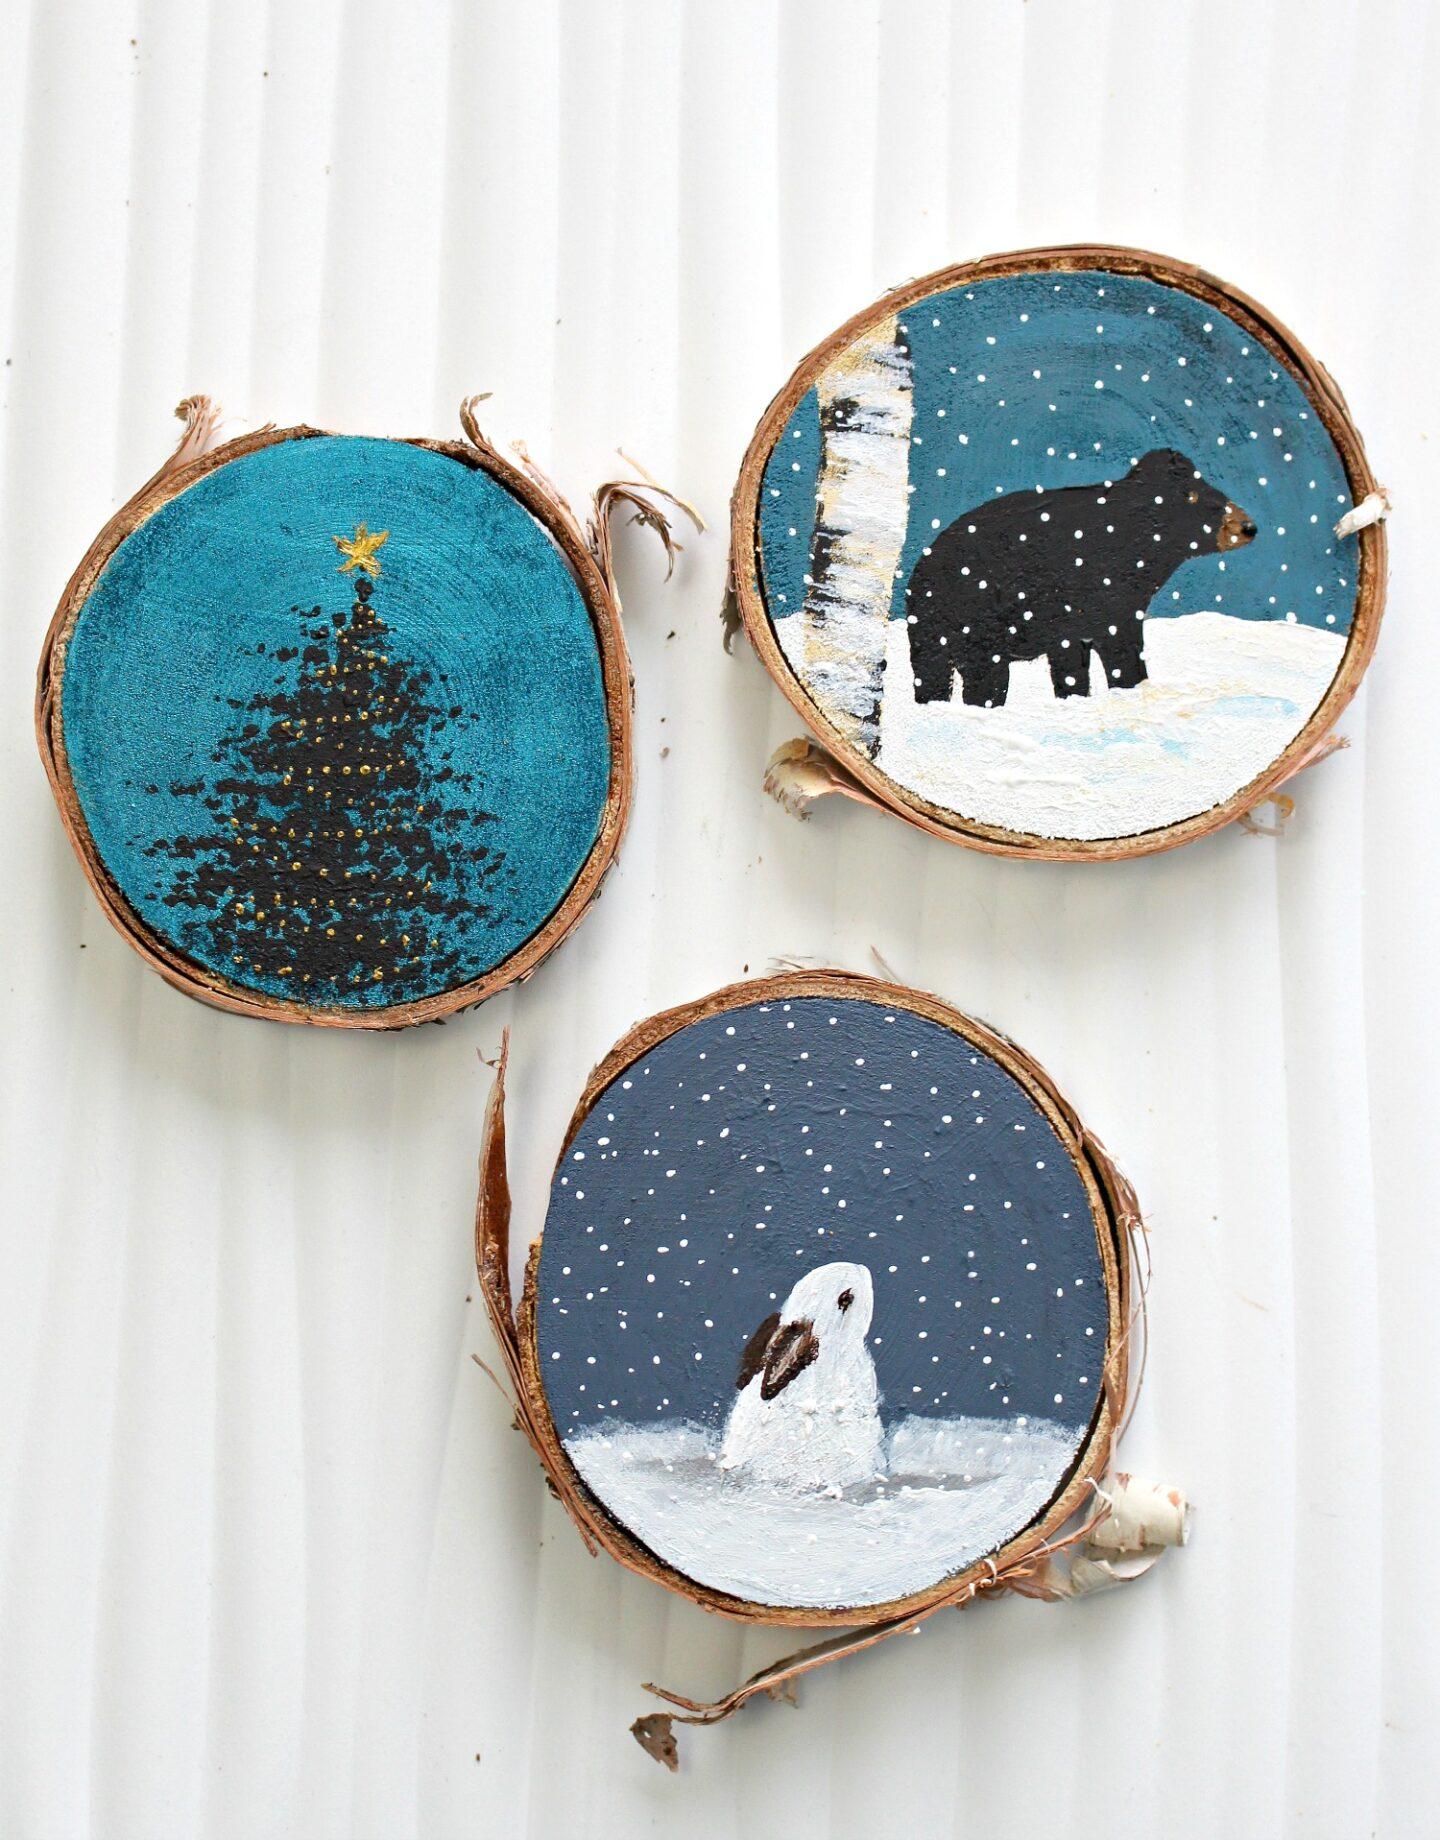 Décorations de Noël sur le thème de la forêt